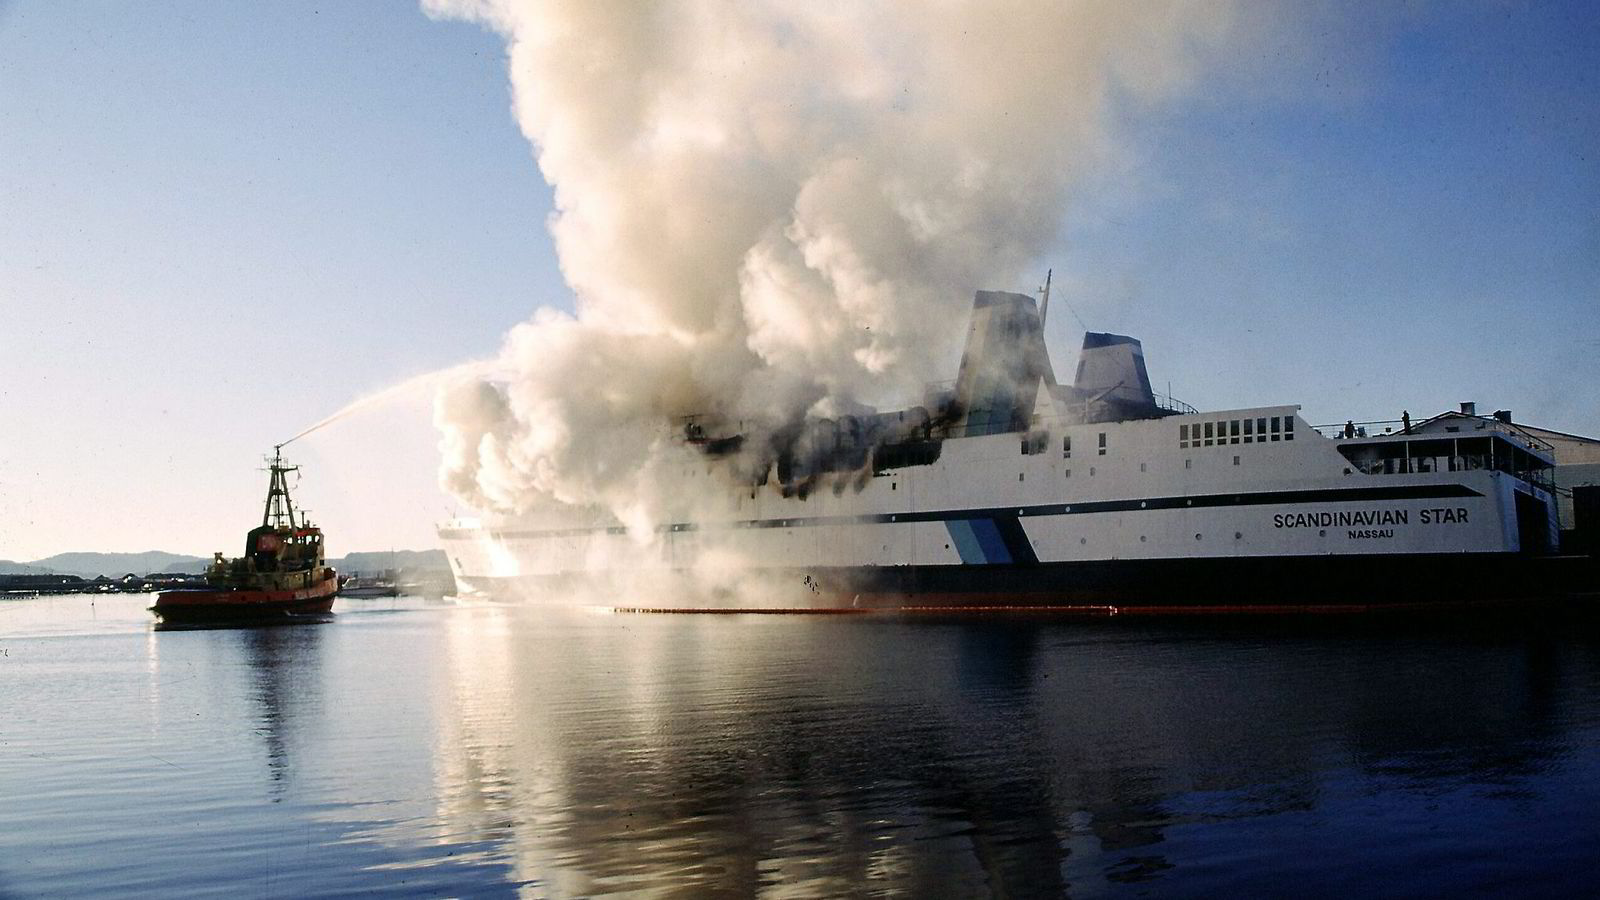 DØDSBRANNEN. Fortsatt har man ikke kommet til bunns i ulykken som tok livet av 159 mennesker da fergen Scandinavian Star brøt ut i brann for ganske nøyaktig 16 år siden. Foto: Tor Arne Dalsnes,